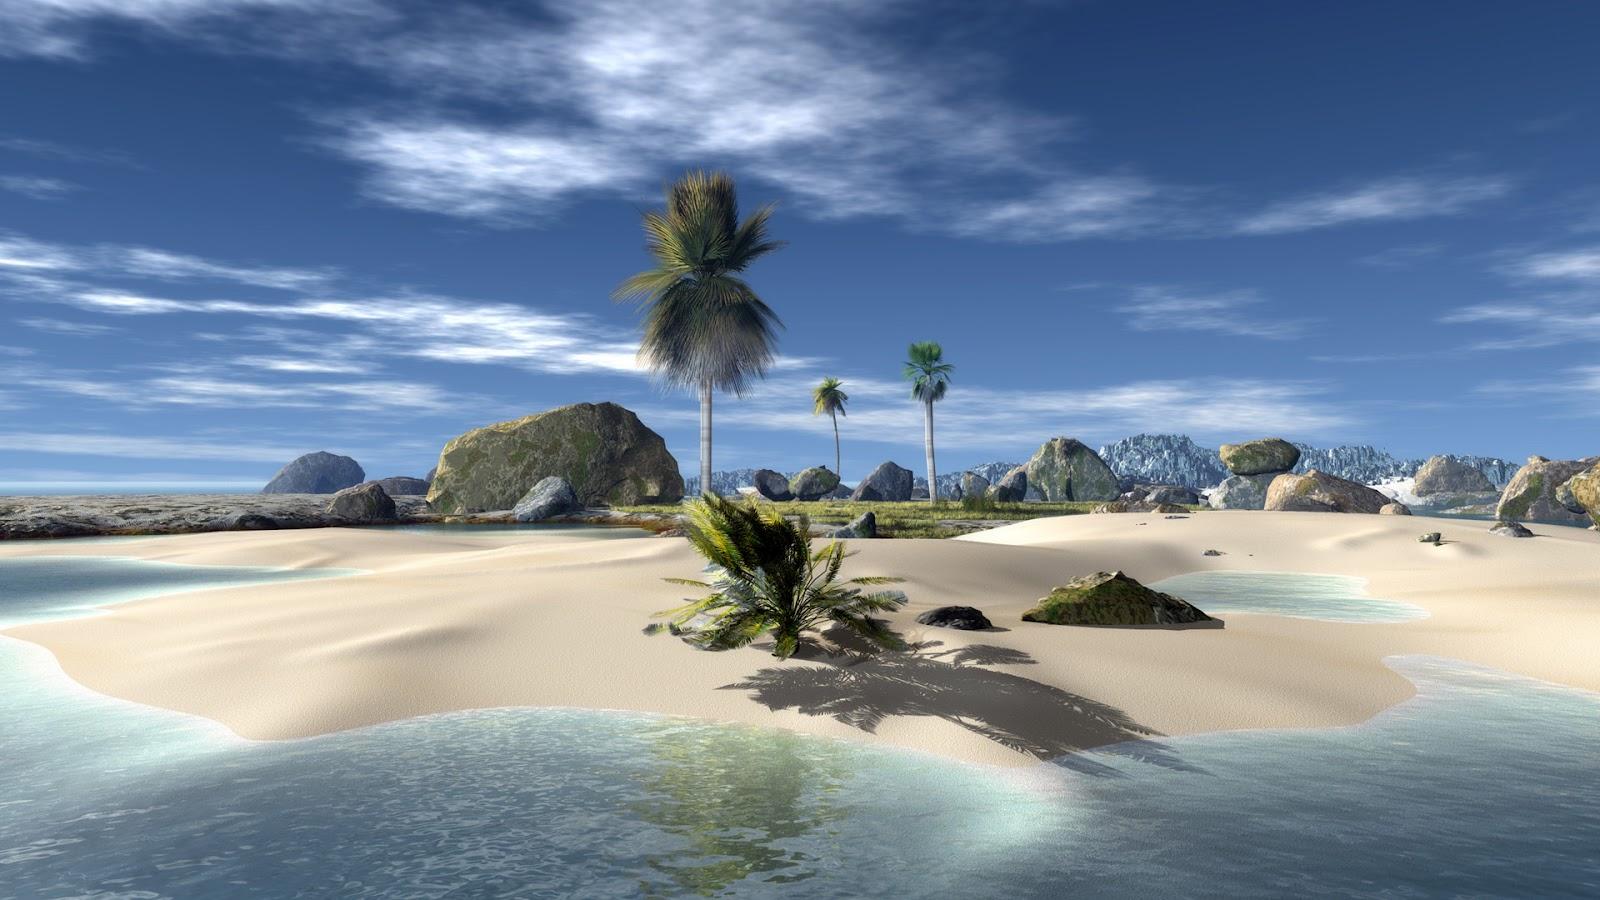 http://3.bp.blogspot.com/-YgHaUWVurzM/T66t4imbdqI/AAAAAAAAAmM/ti4M0dL5Gdw/s1600/supper-hd-no-1-hd-nature-background-wallpaper-1920x1080.jpg